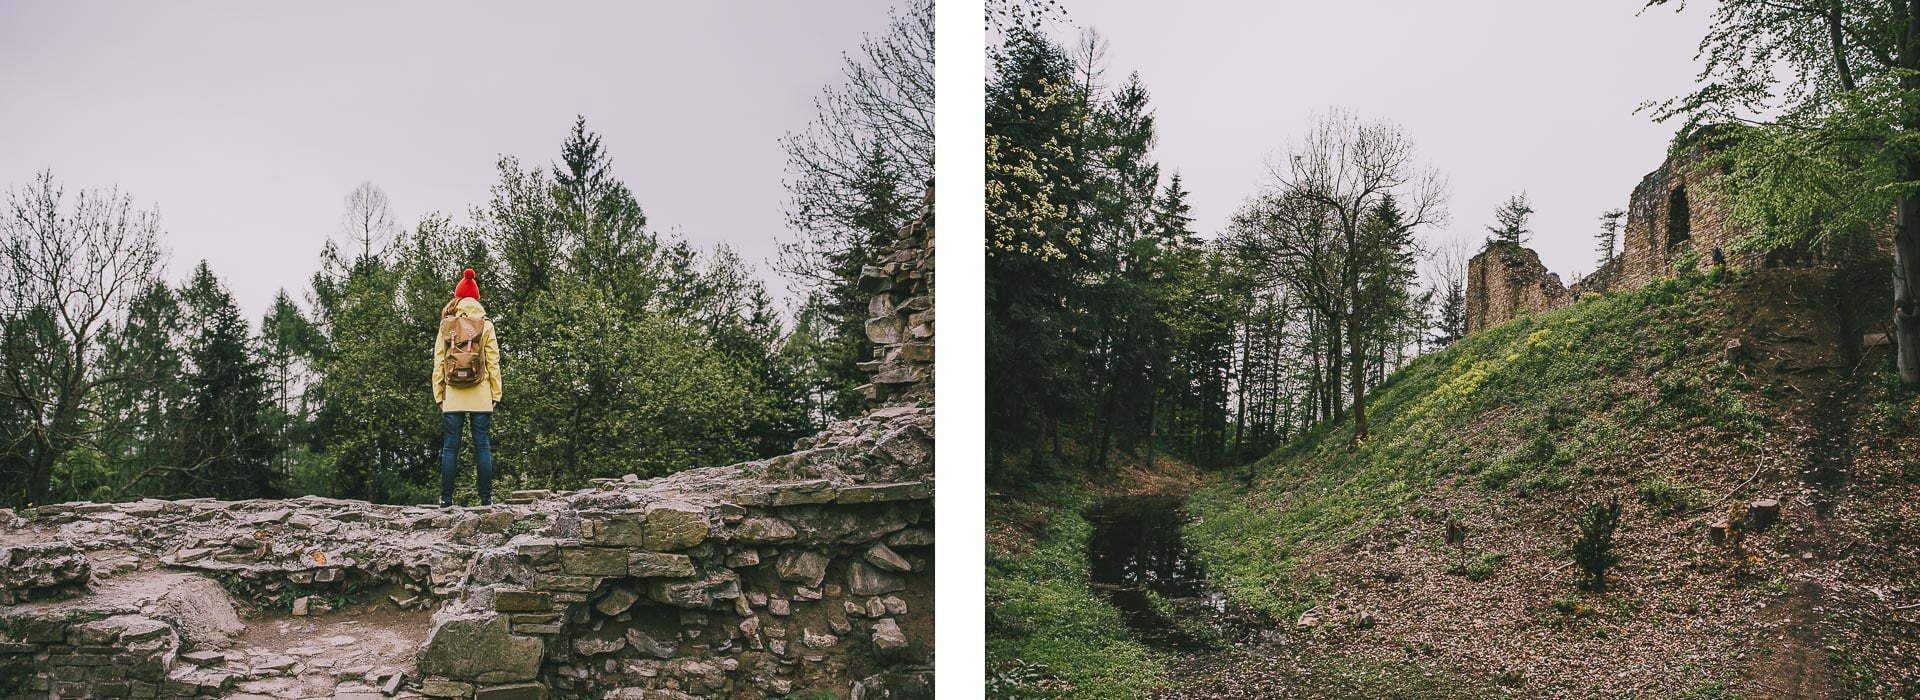 Zamek wLanckoronie